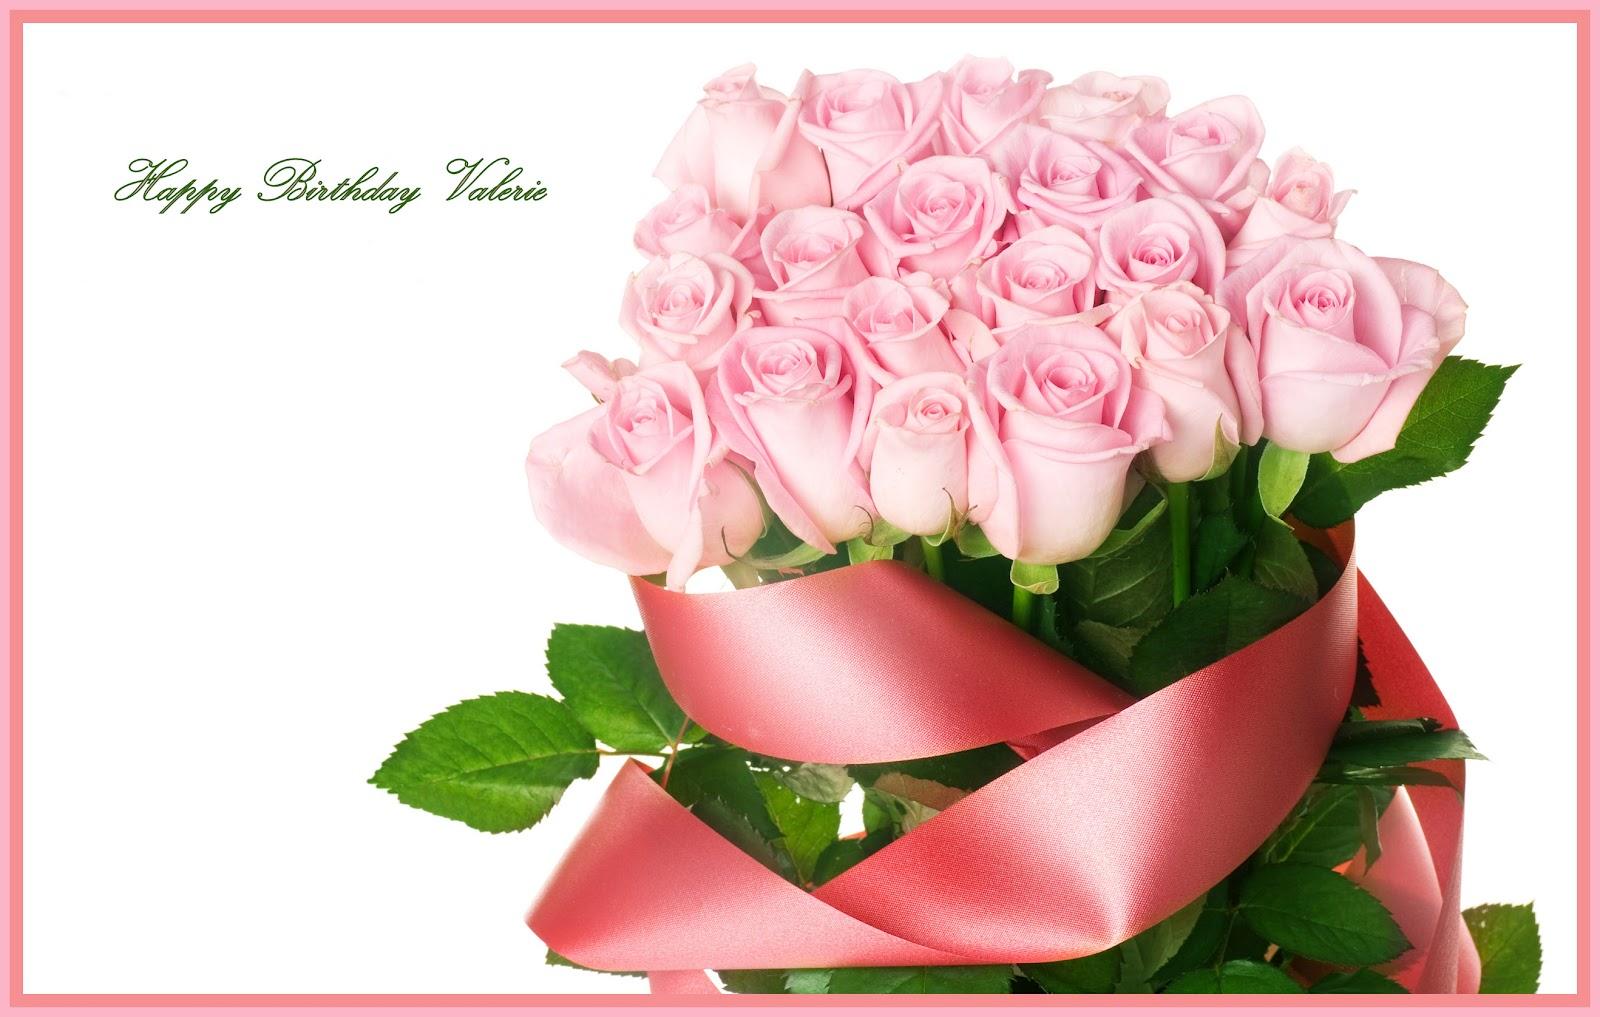 Поздравления с днём рождения коллеге открытки красивые для женщины